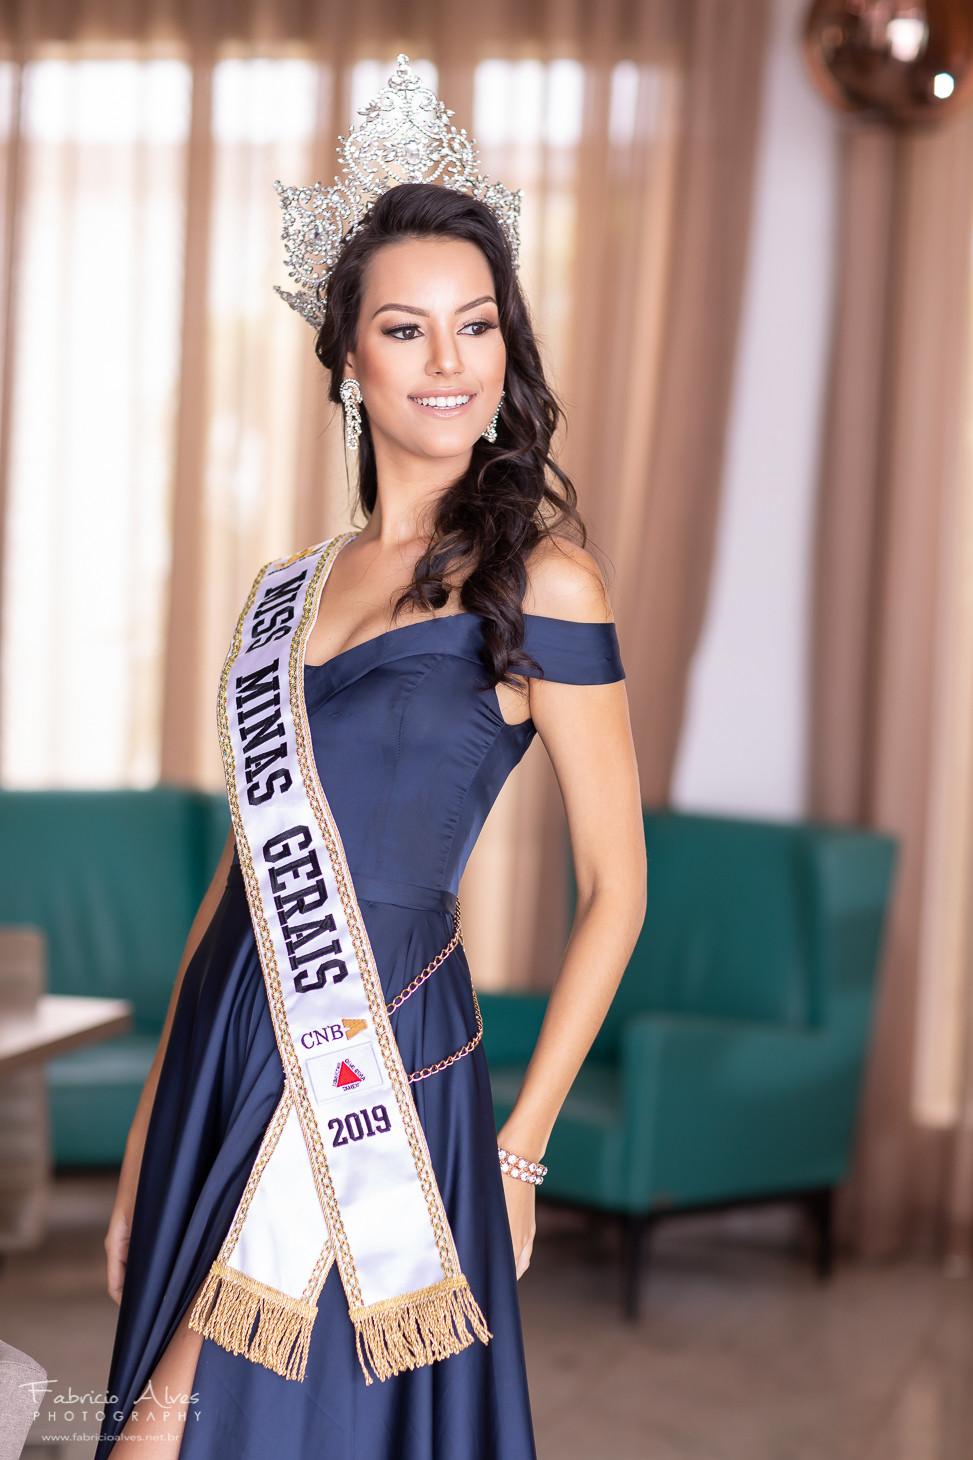 rafaella felipe, top 20 de miss brasil mundo 2019. - Página 2 Qlb0la10